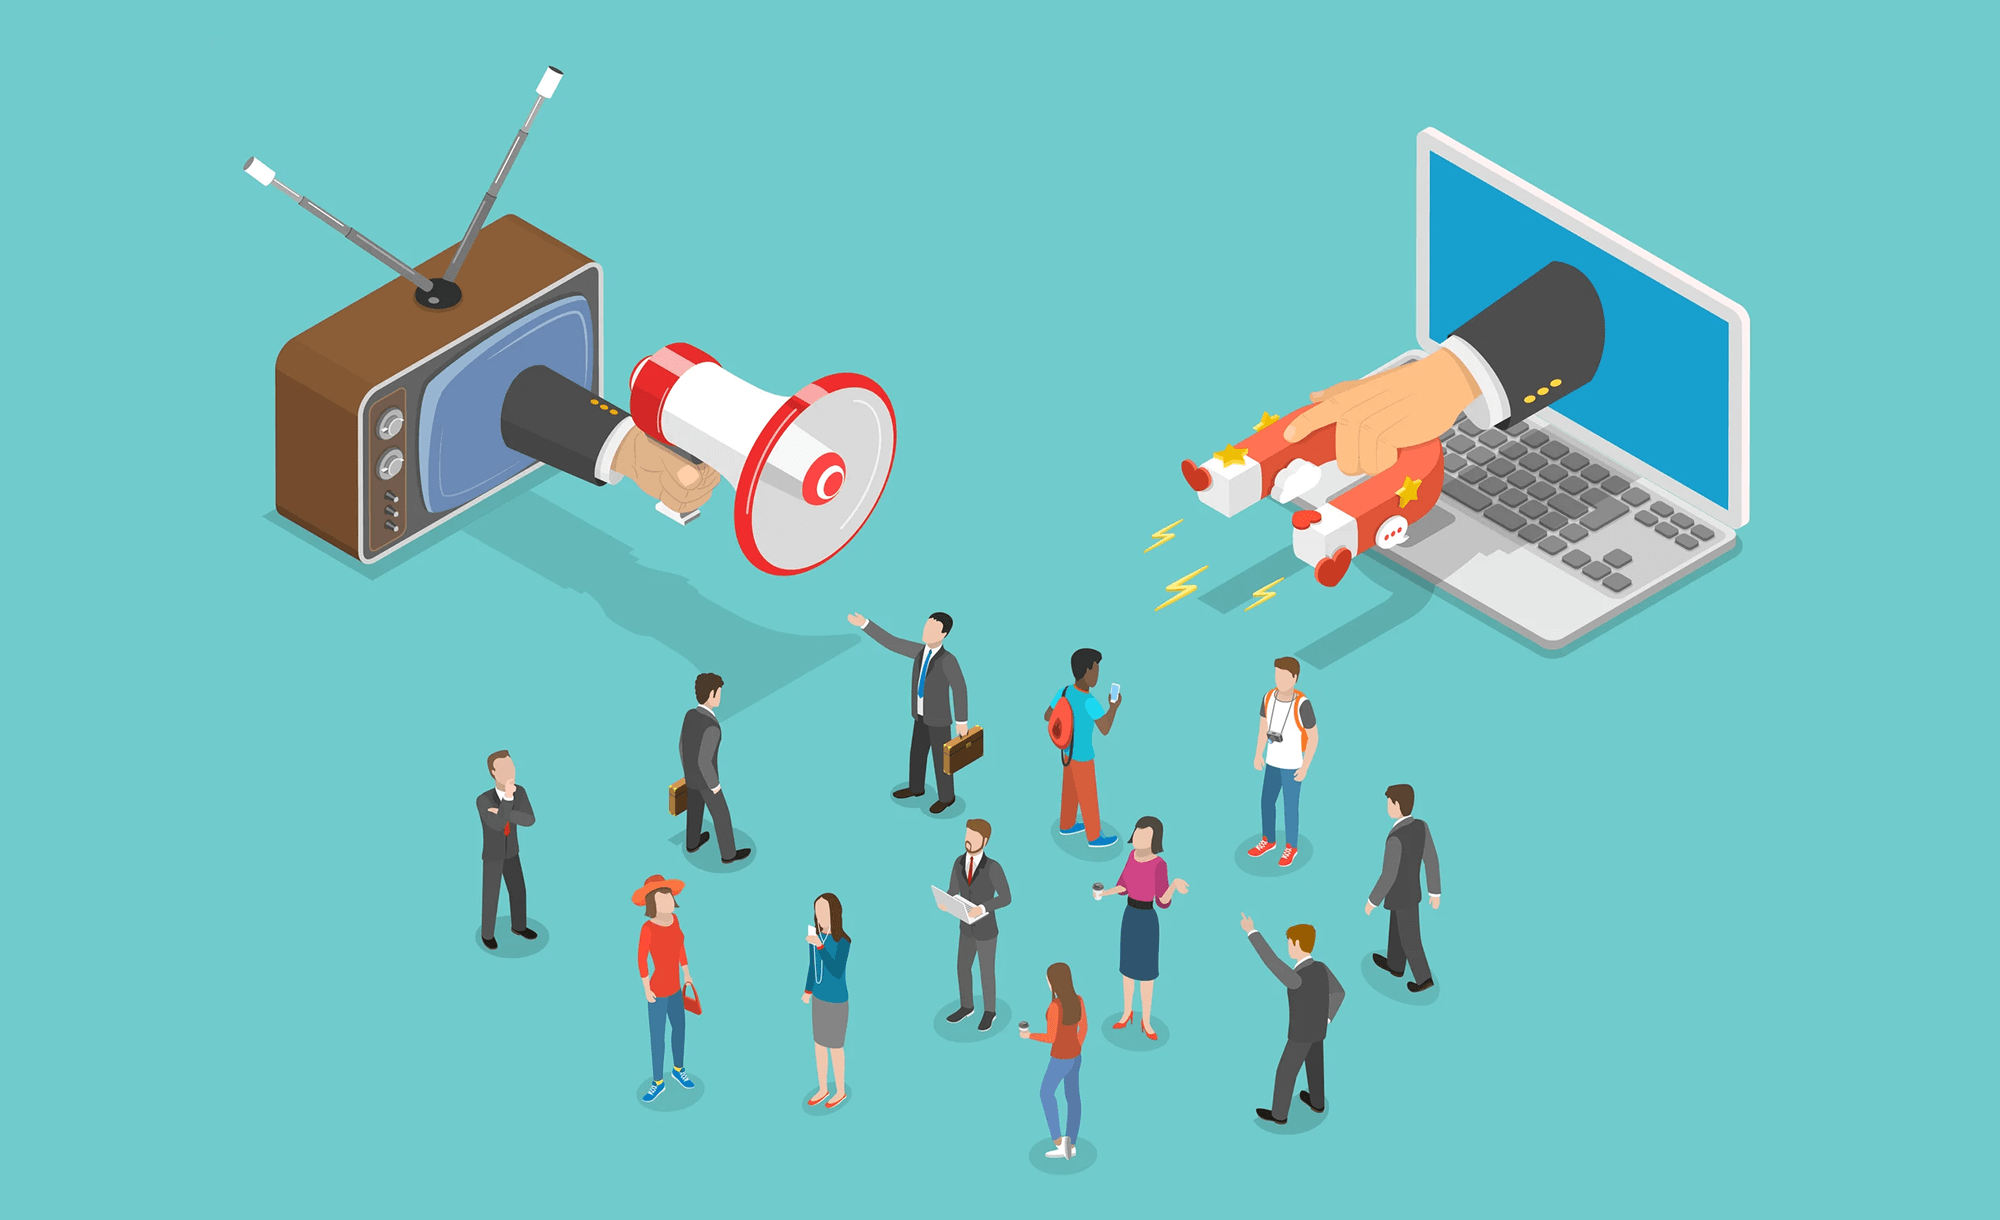 بازاریابی درونگرا چه تفاوتی با بازاریابی برونگرا دارد؟